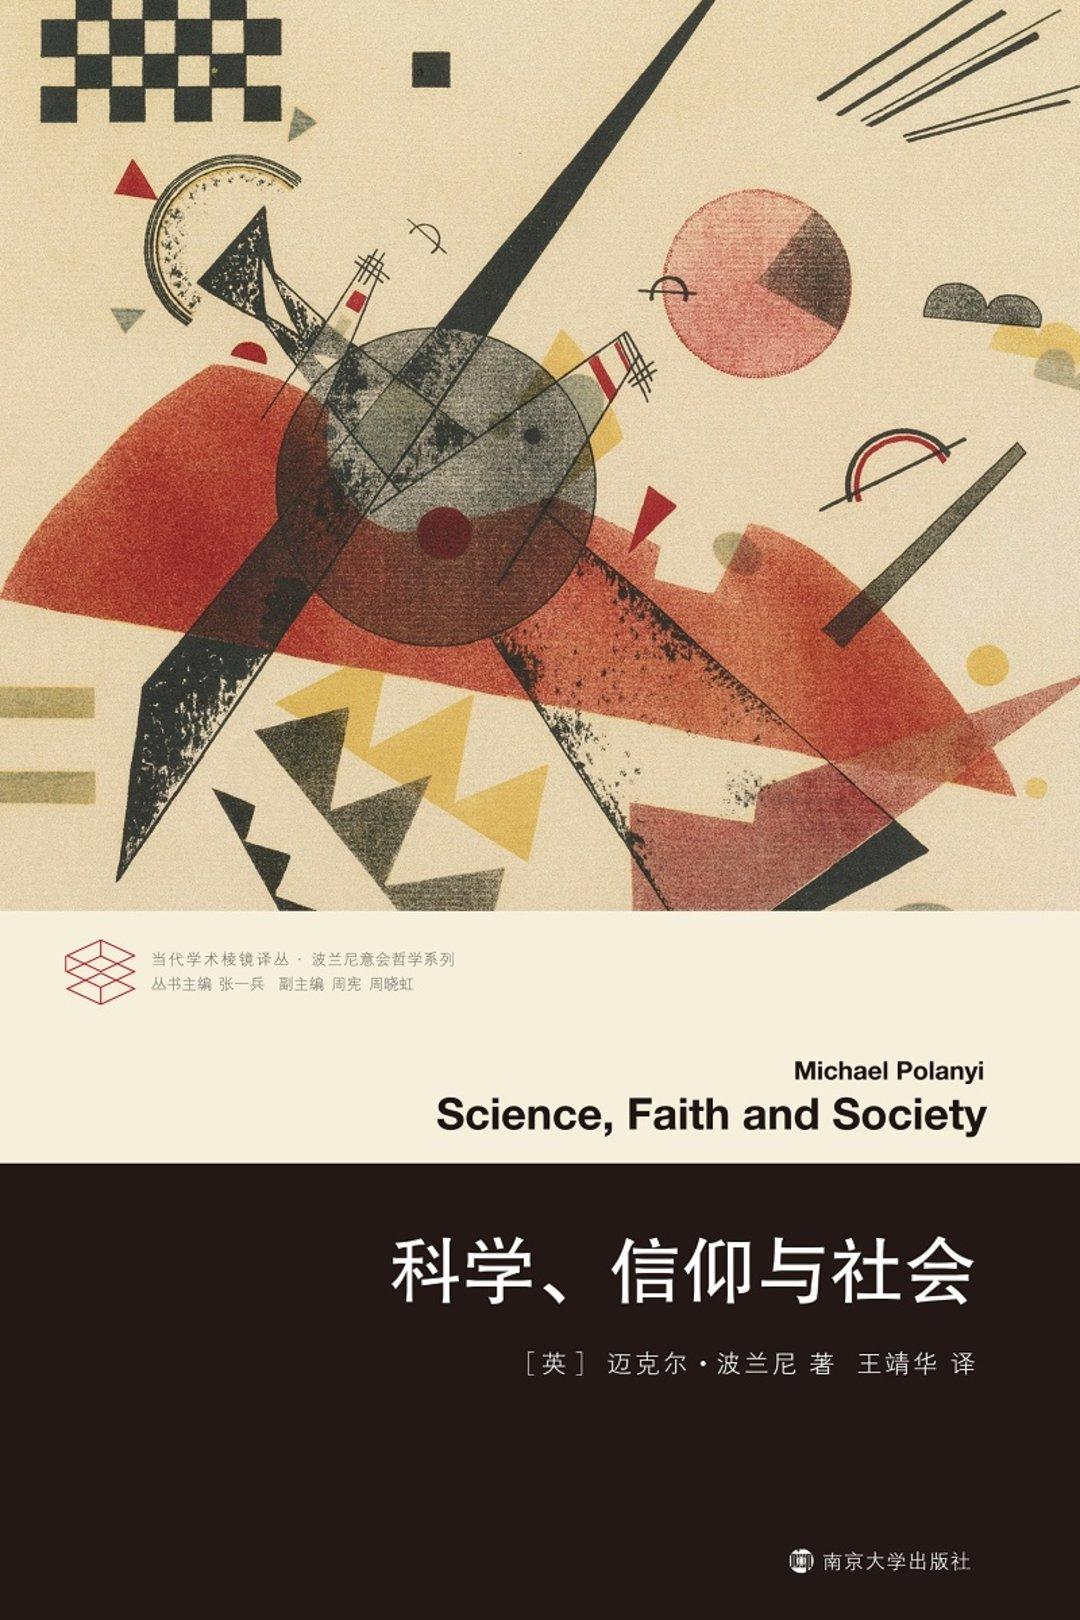 从科学转向哲学的波兰尼,如何理解知识和人?_智能_好奇心日报